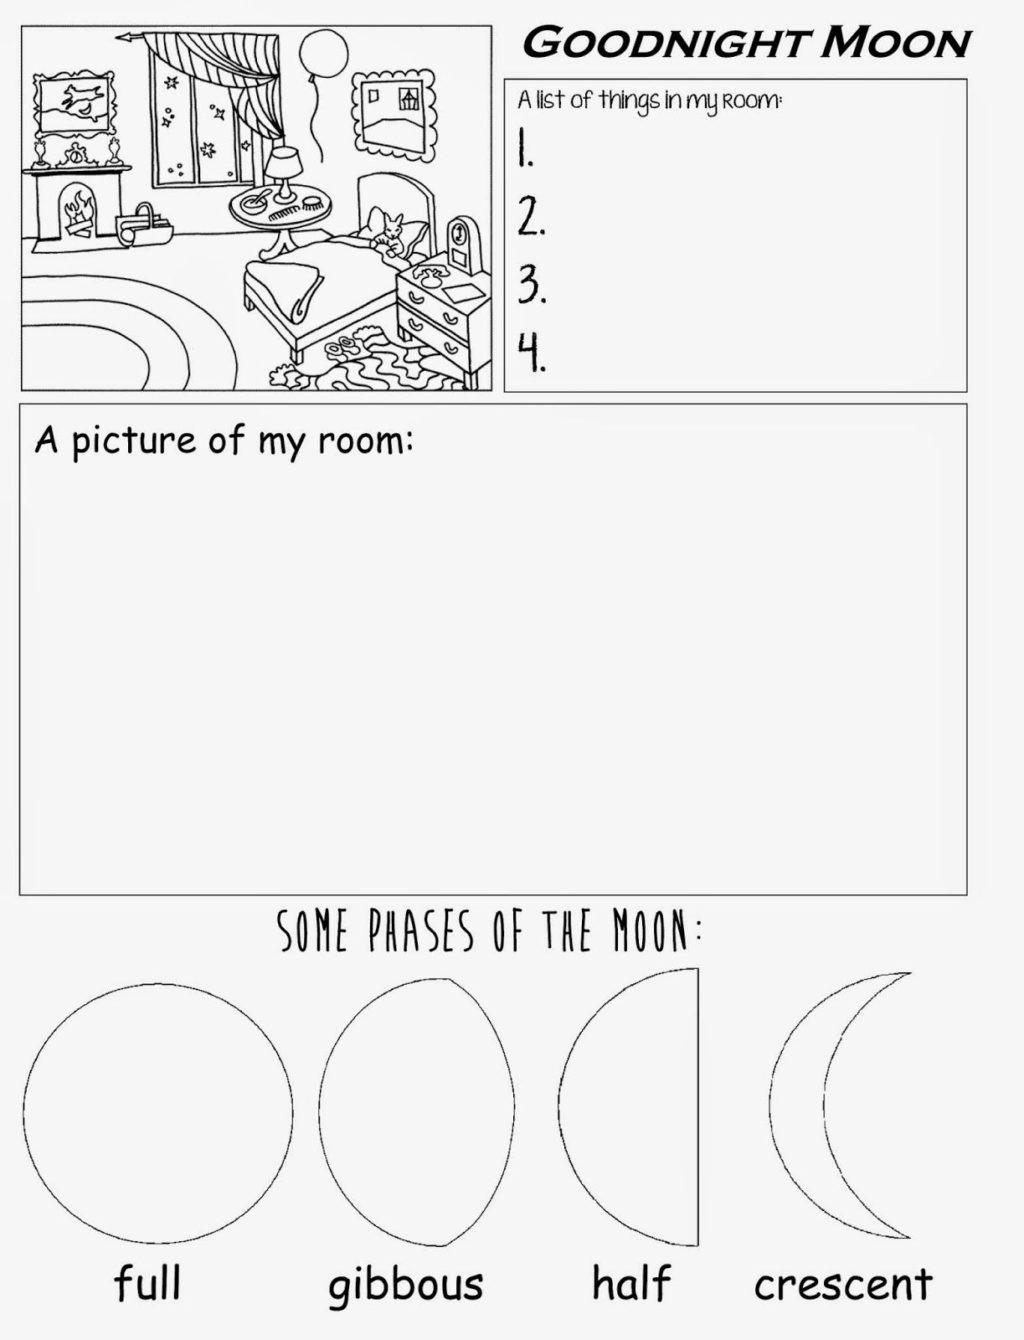 Moon Phases Worksheet Pdf Worksheet Worksheet Goodnight Moon Freerintable